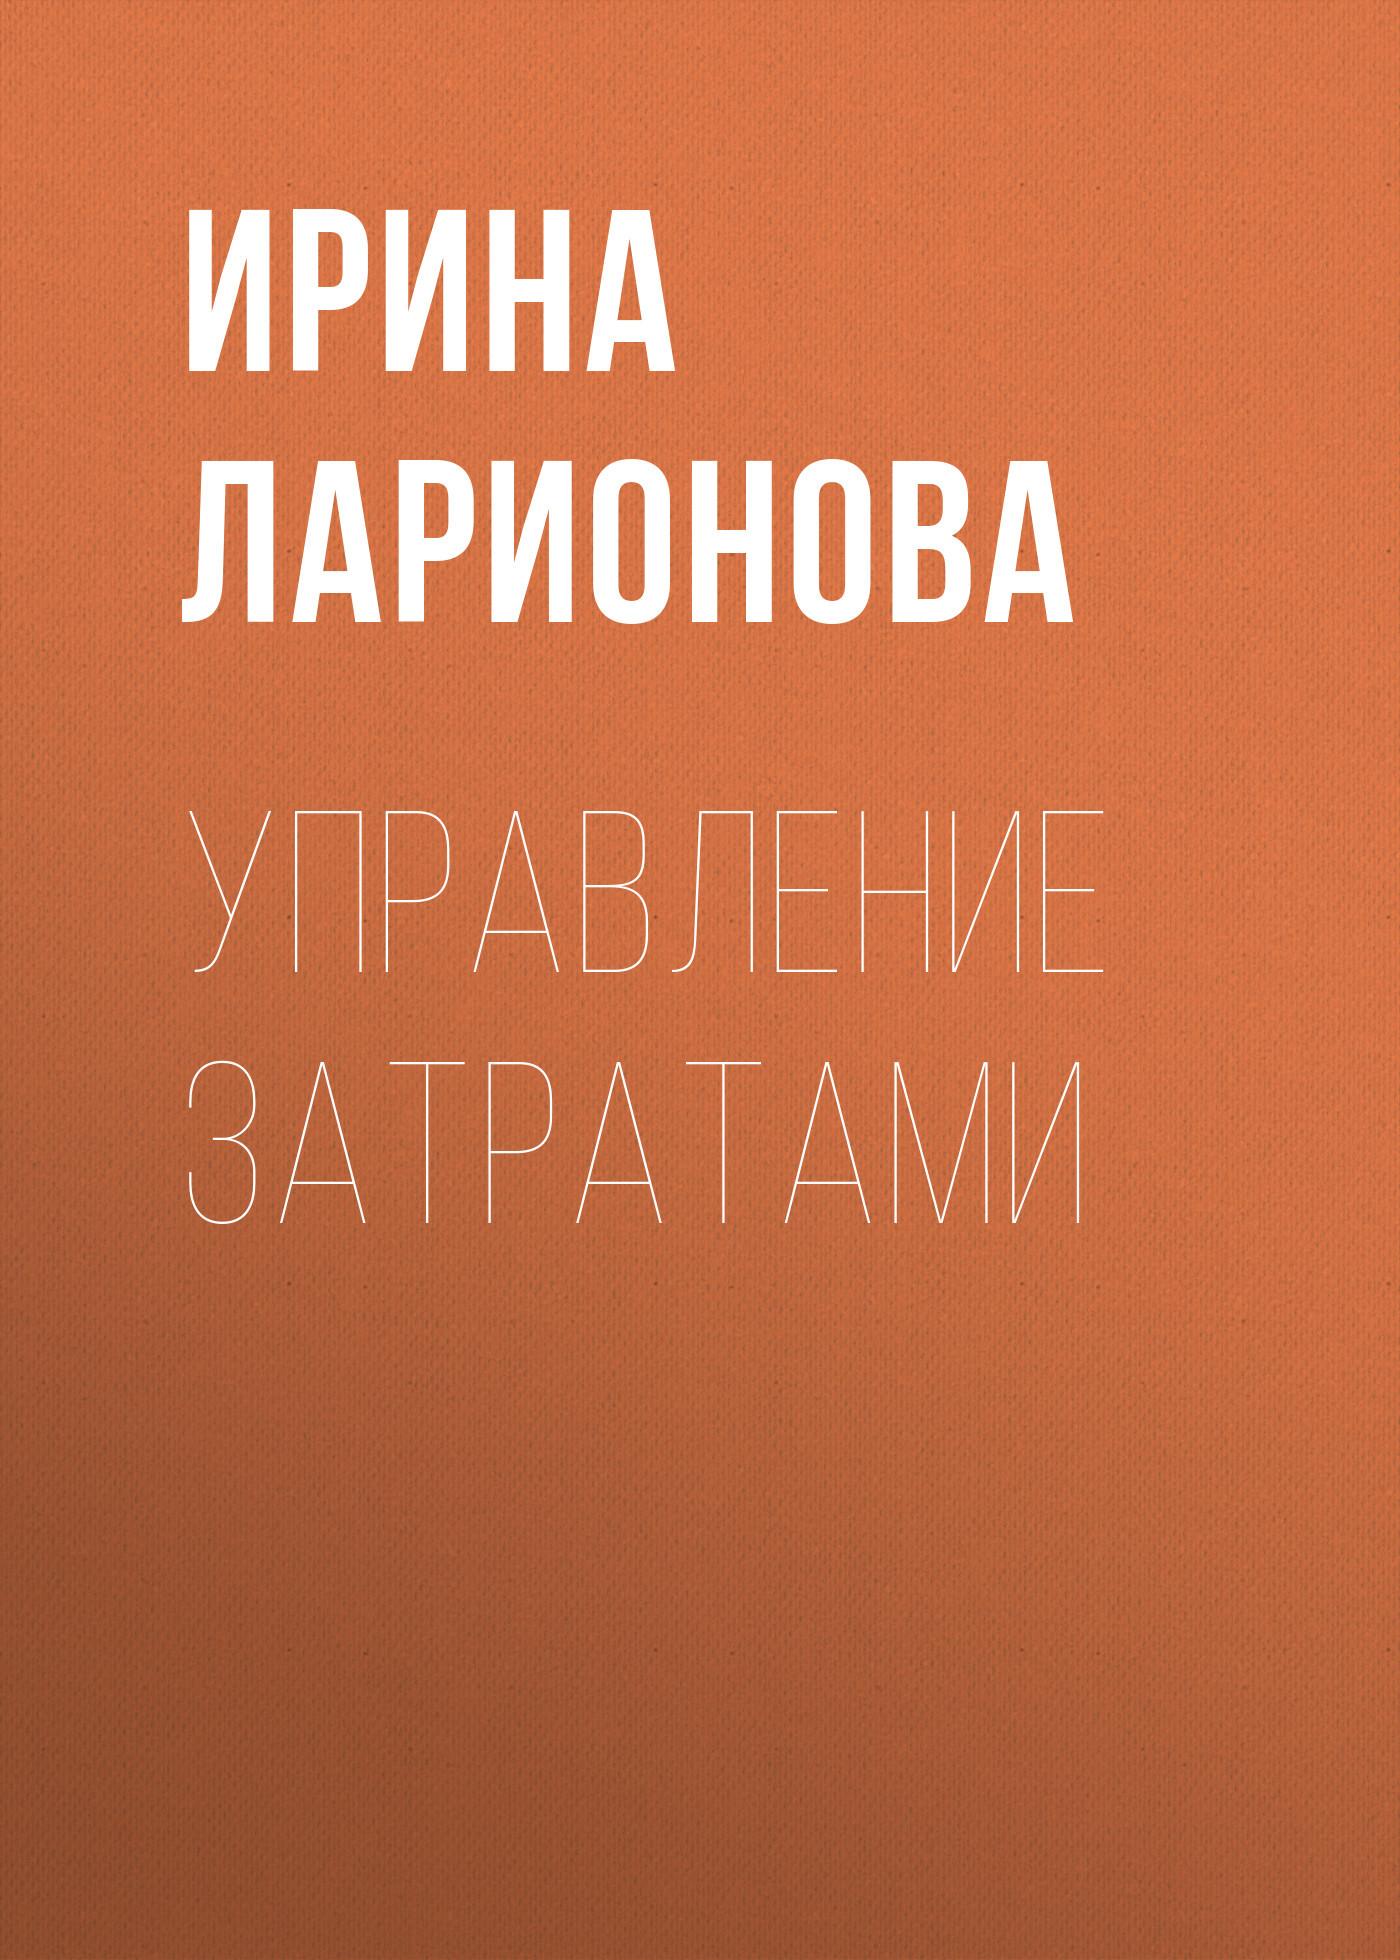 Ирина Ларионова. Управление затратами